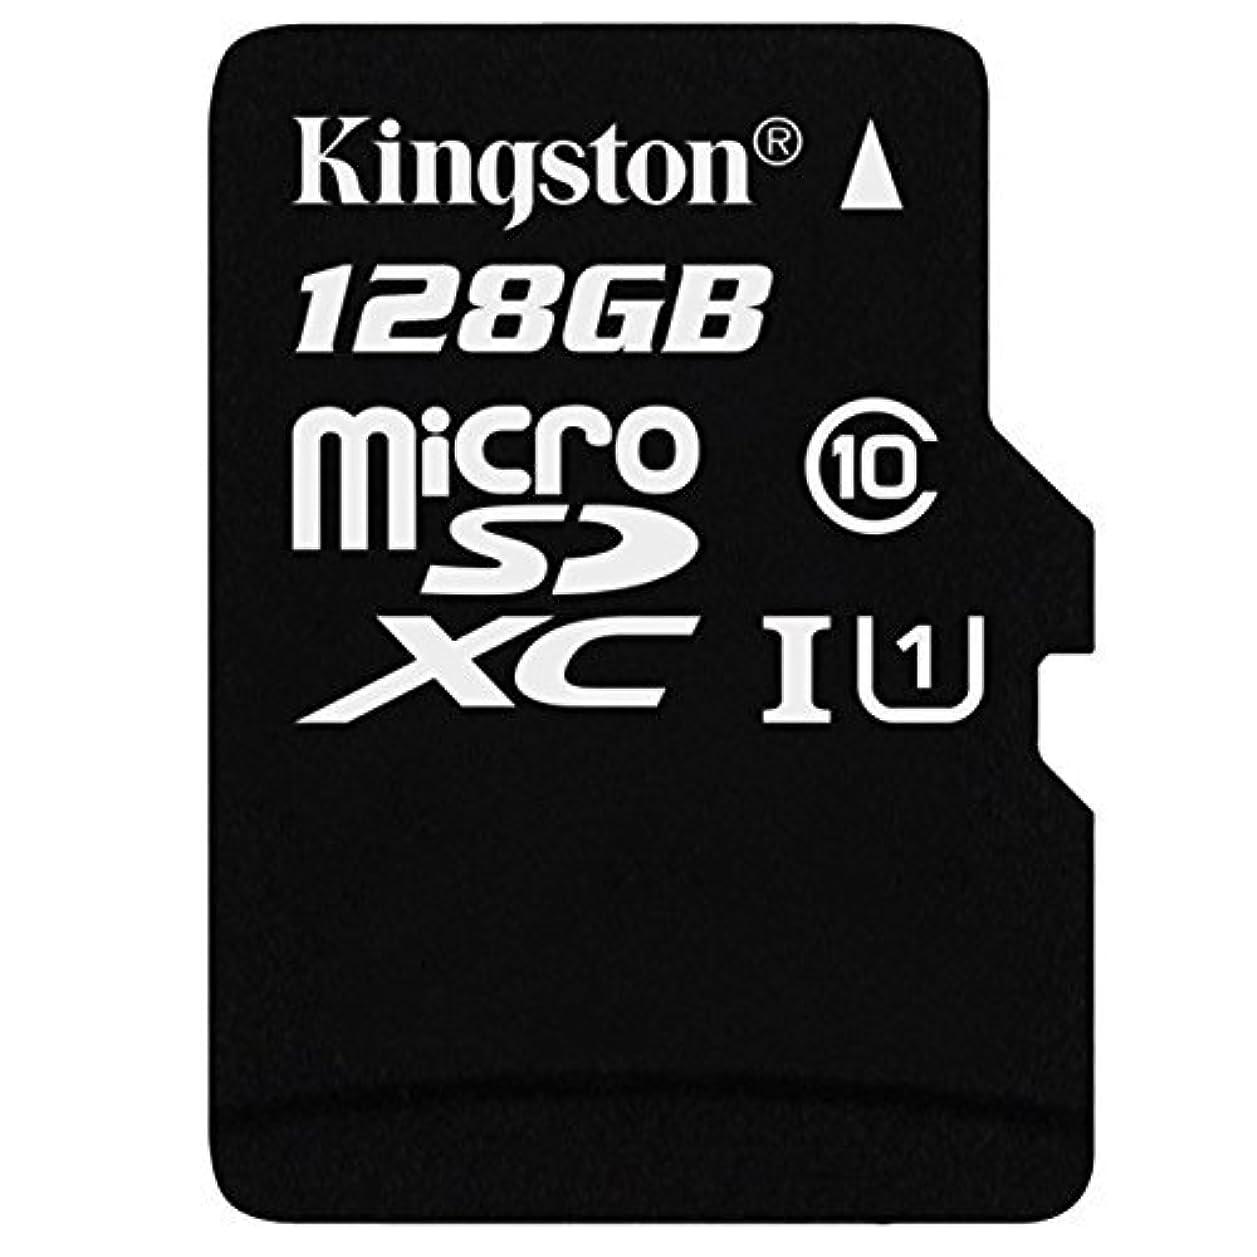 にんじんサーキットに行く前置詞Kingston CAT S48c MicroSDHC MicroSDXCカード プロフェッショナル仕様 カスタムフォーマットと標準SDアダプター付き (クラス10、UHS-I)